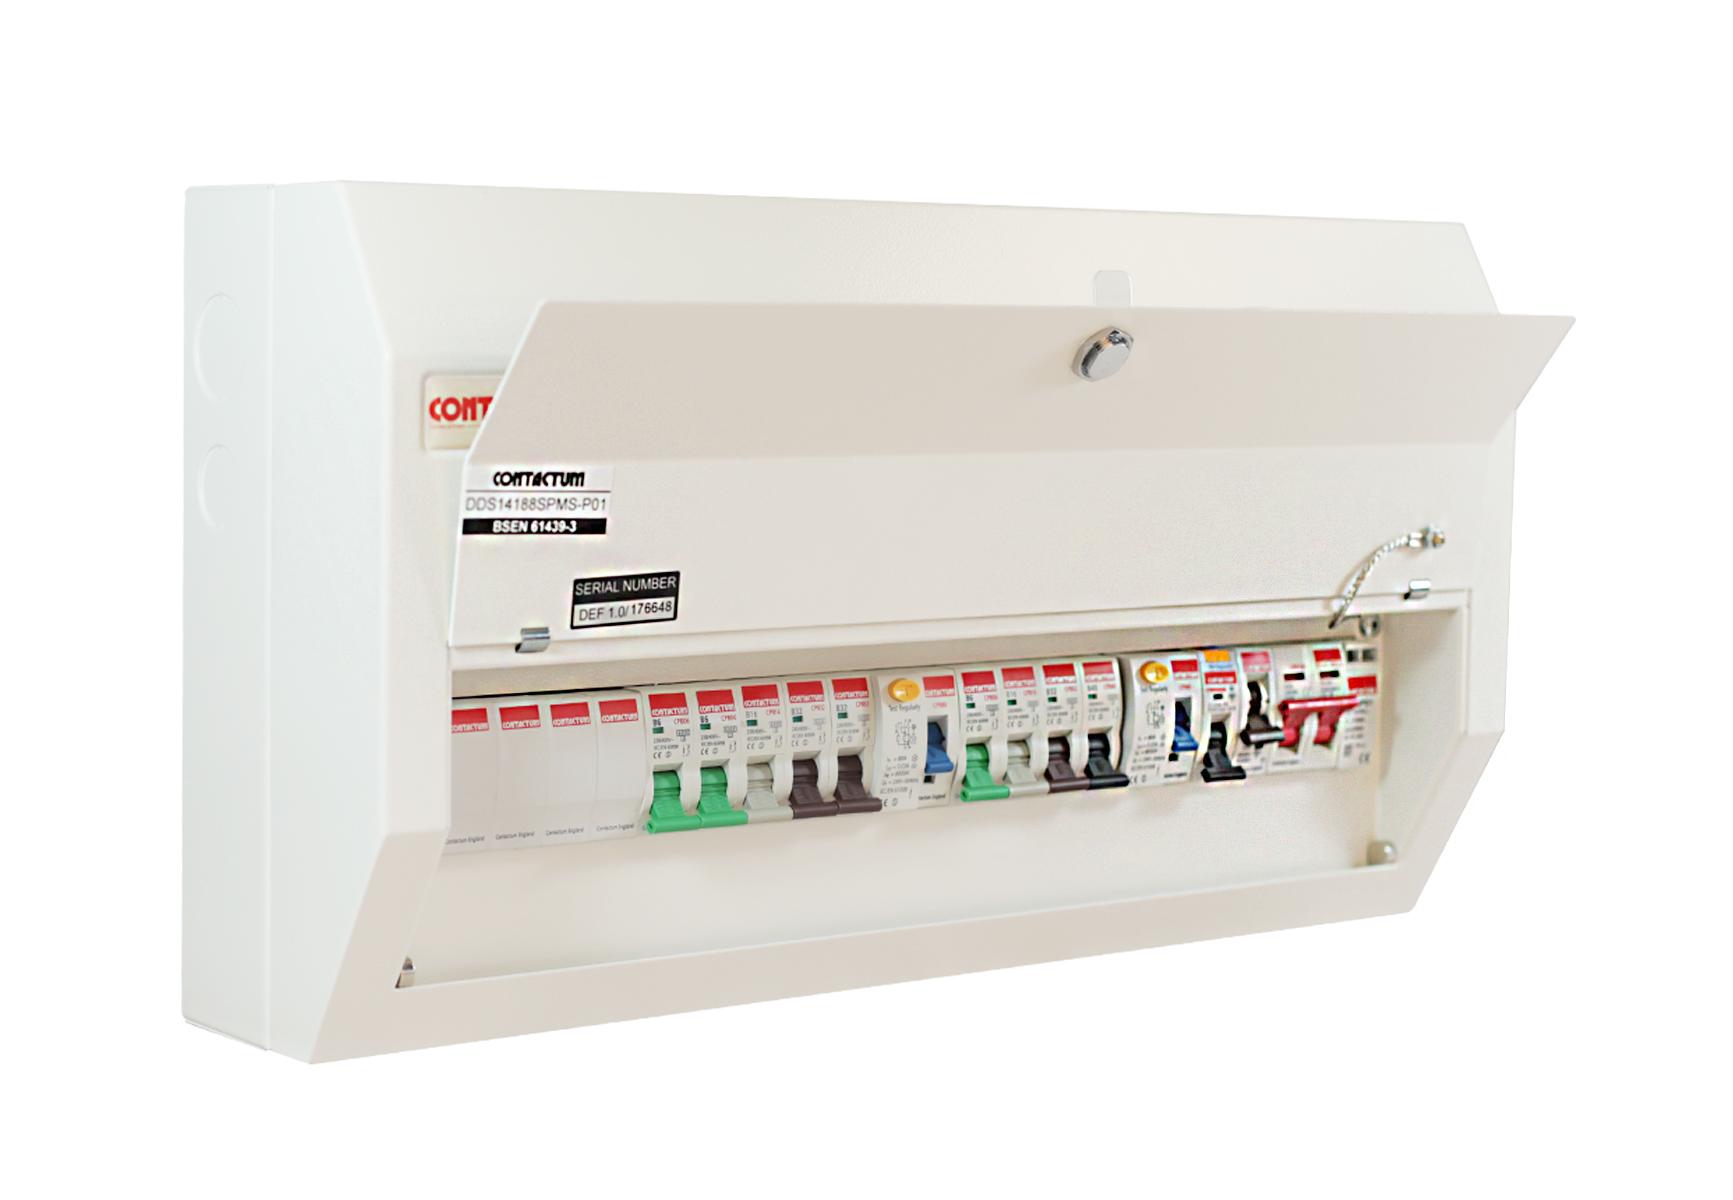 Contactum DDS14188SPMS-P01 Consumer Unit 14 Way